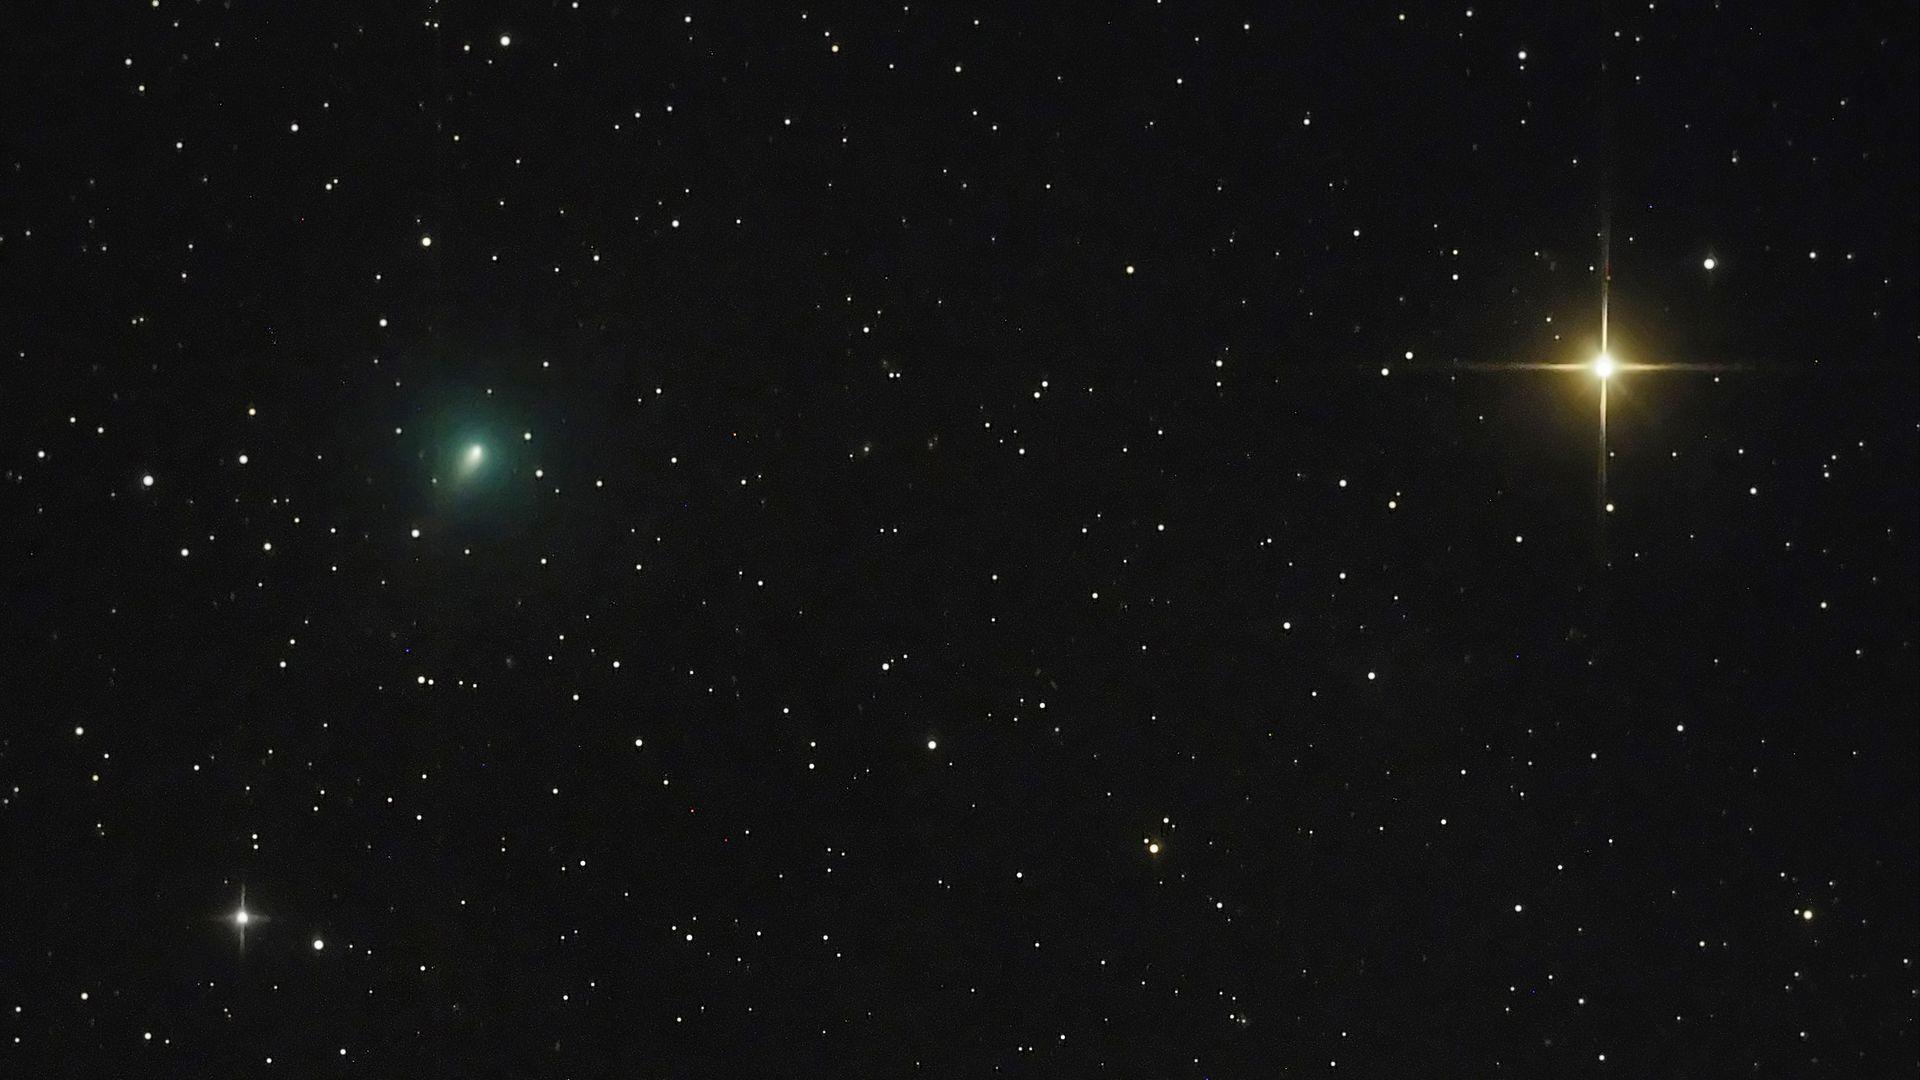 Taevas võib näha erakordselt heledat komeeti: